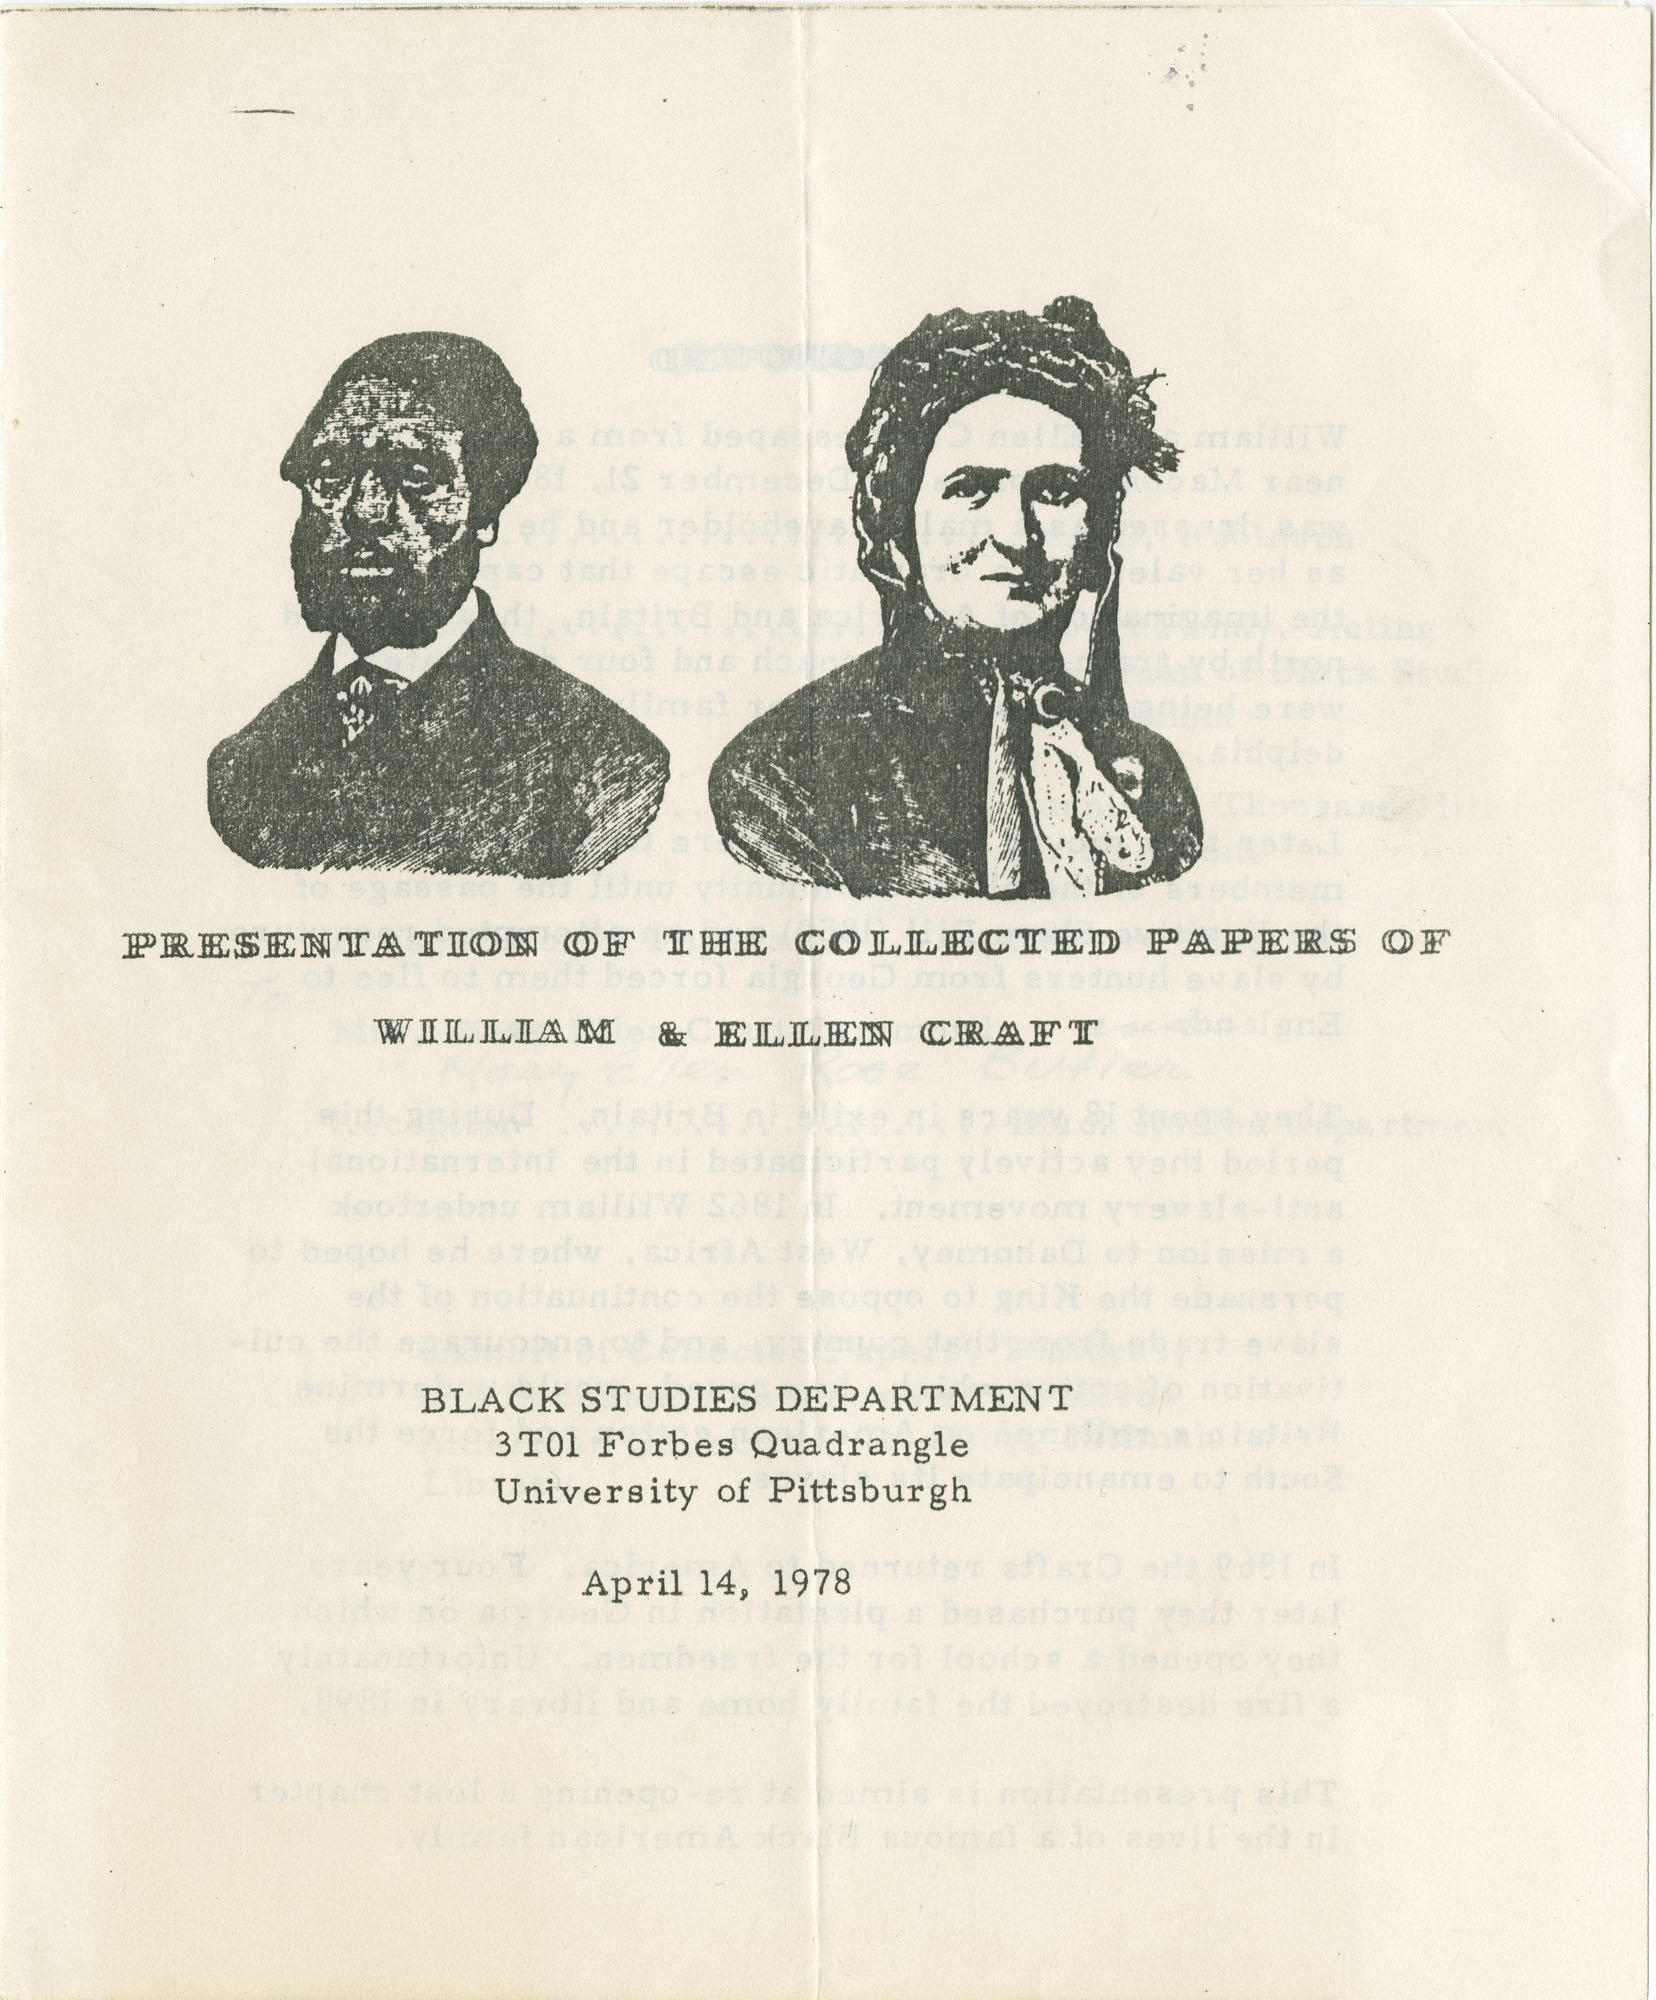 1. Cover of Event Program Honoring William and Ellen Craft, 1978